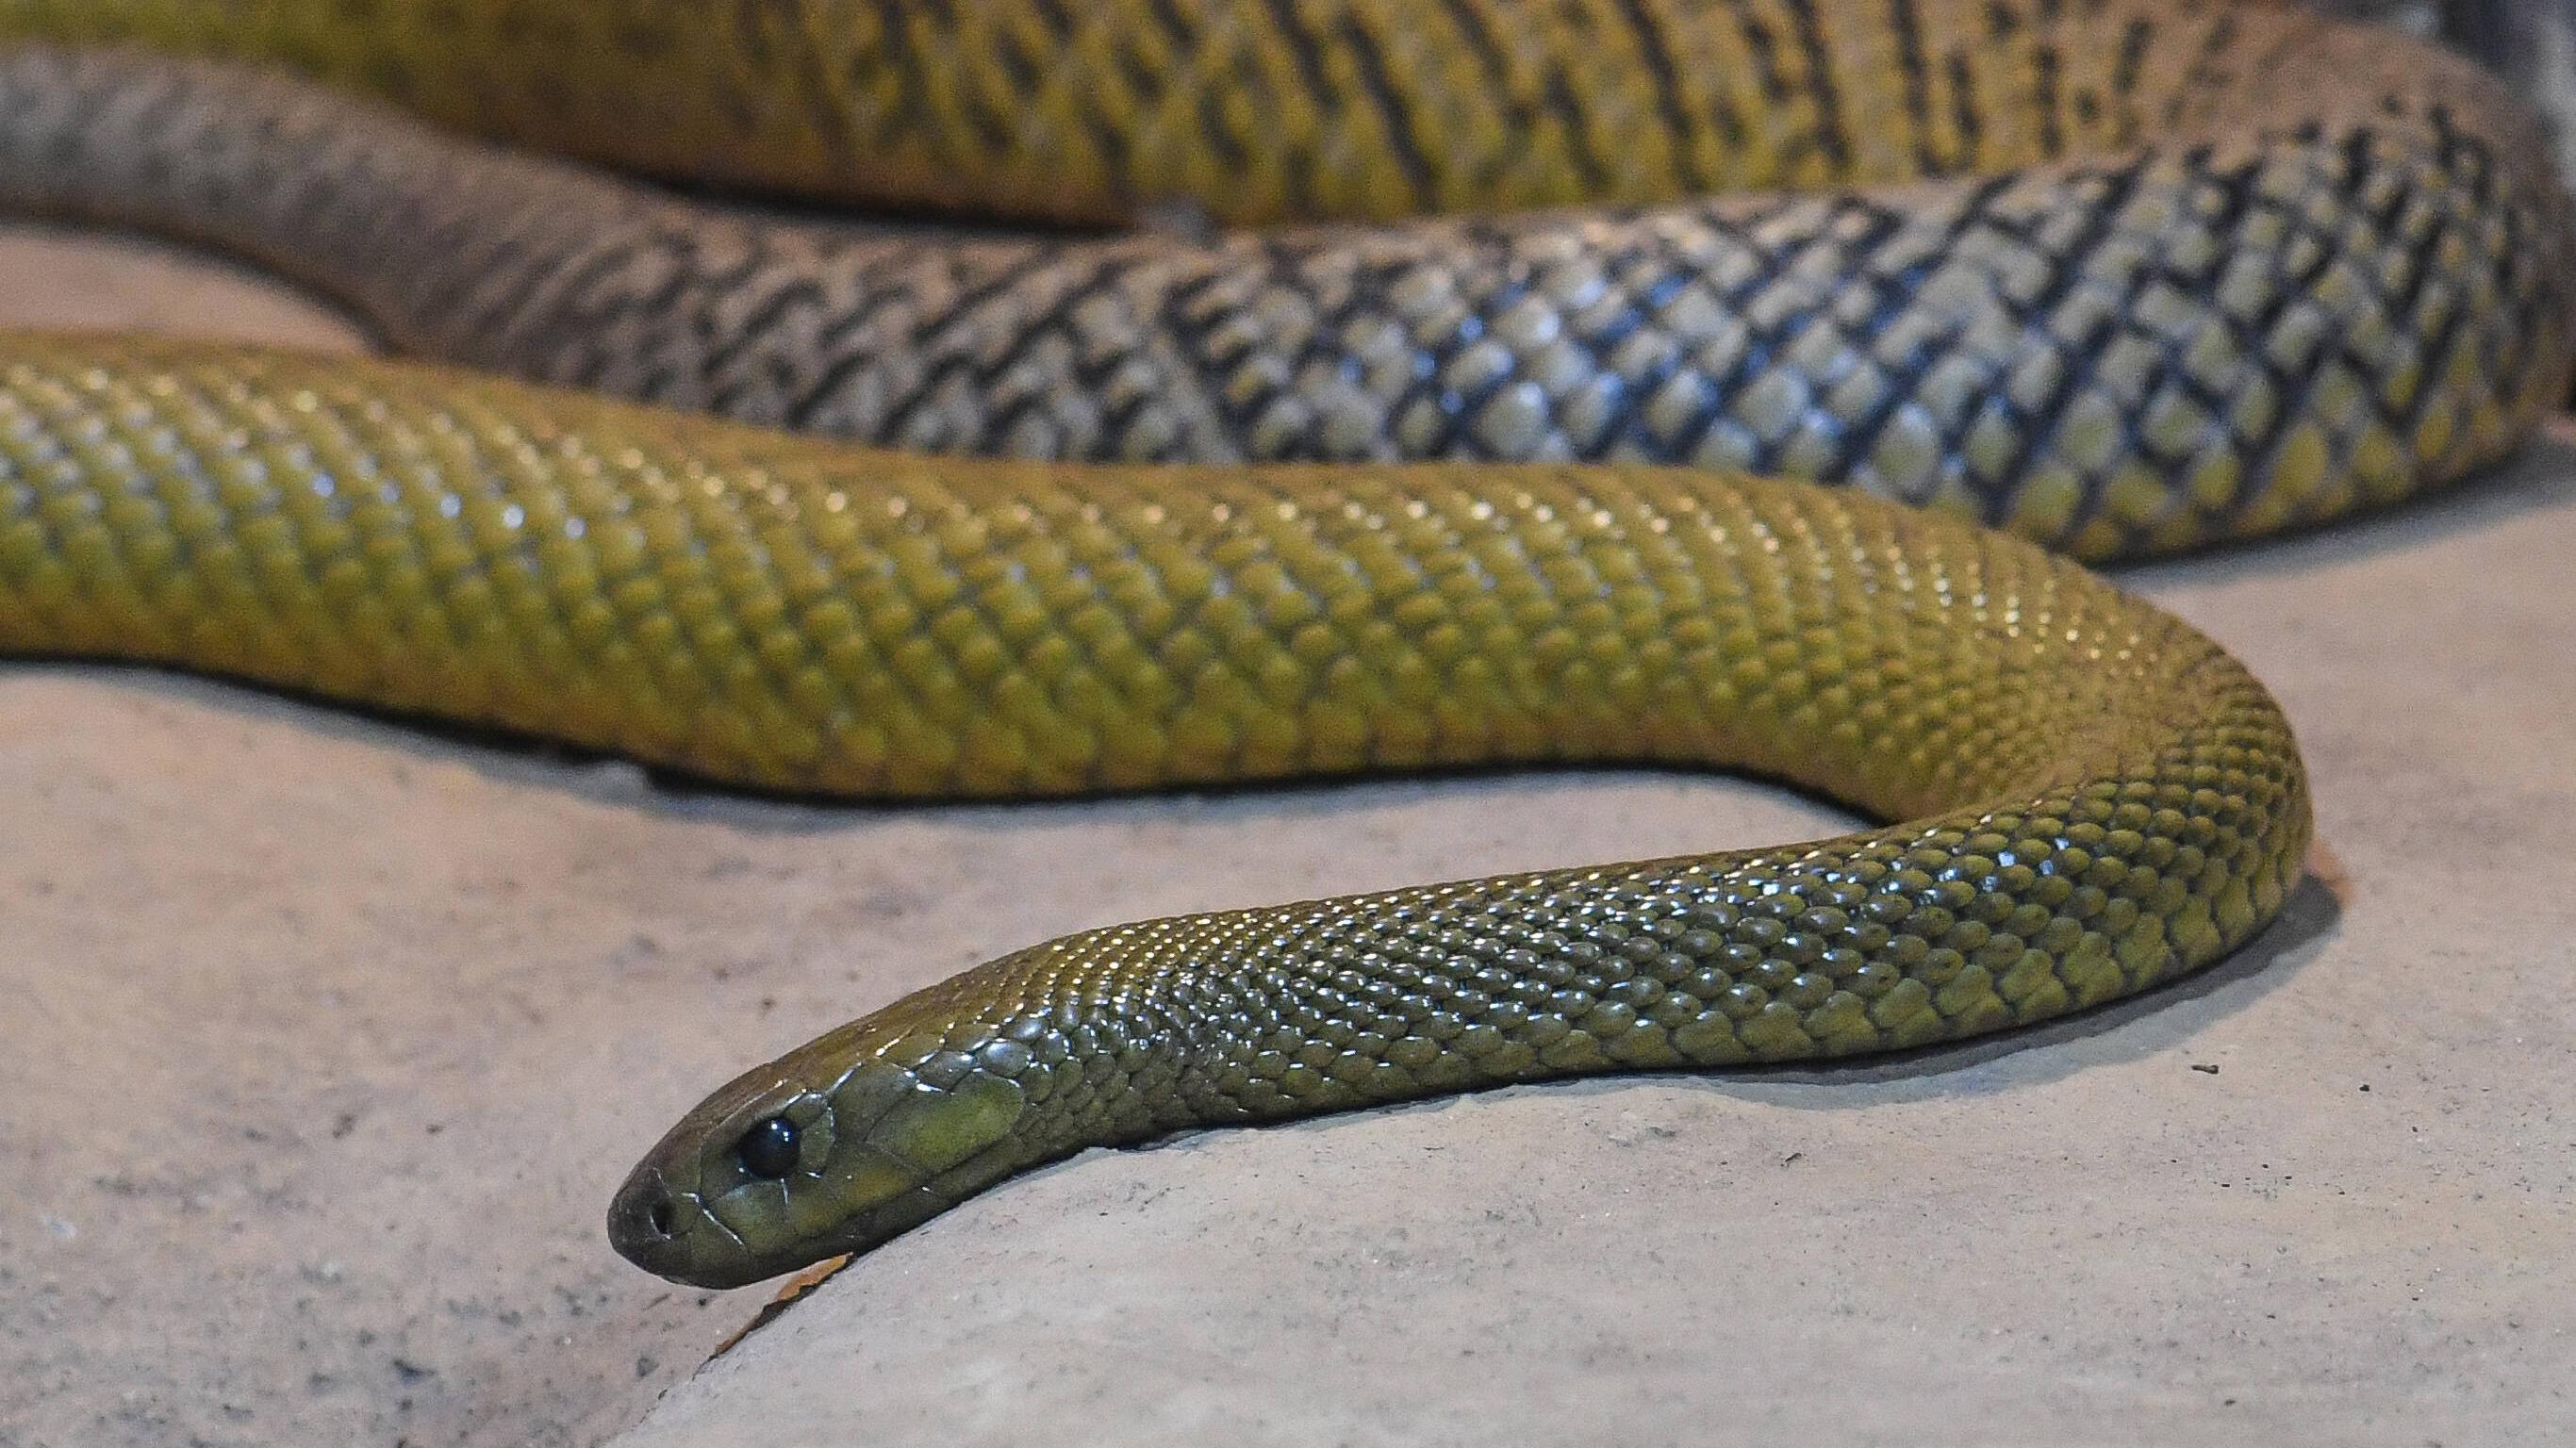 Inlandtaipan ganz vorn - die 5 giftigsten Schlangen der Welt